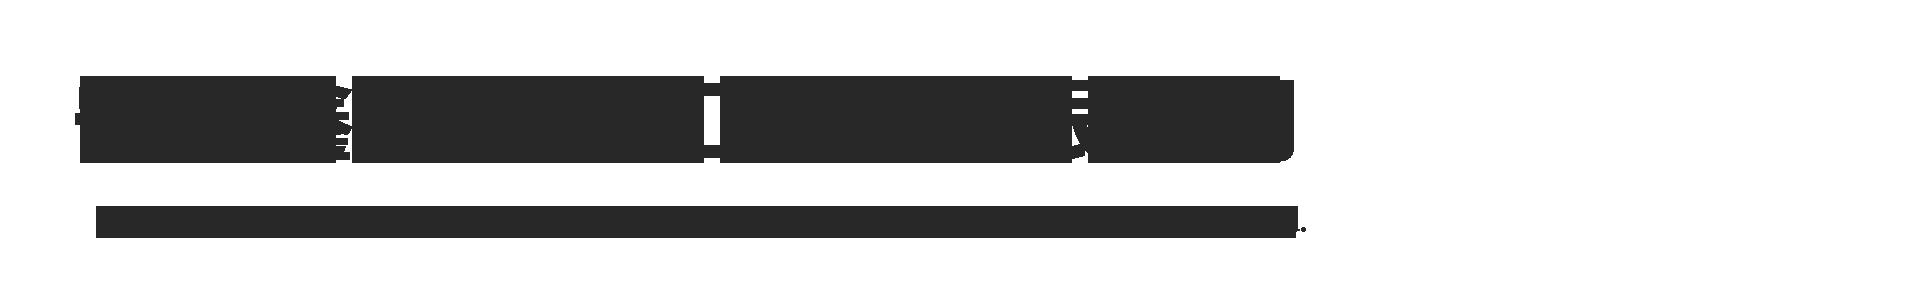 宁夏鑫黄河重工机电有限公司